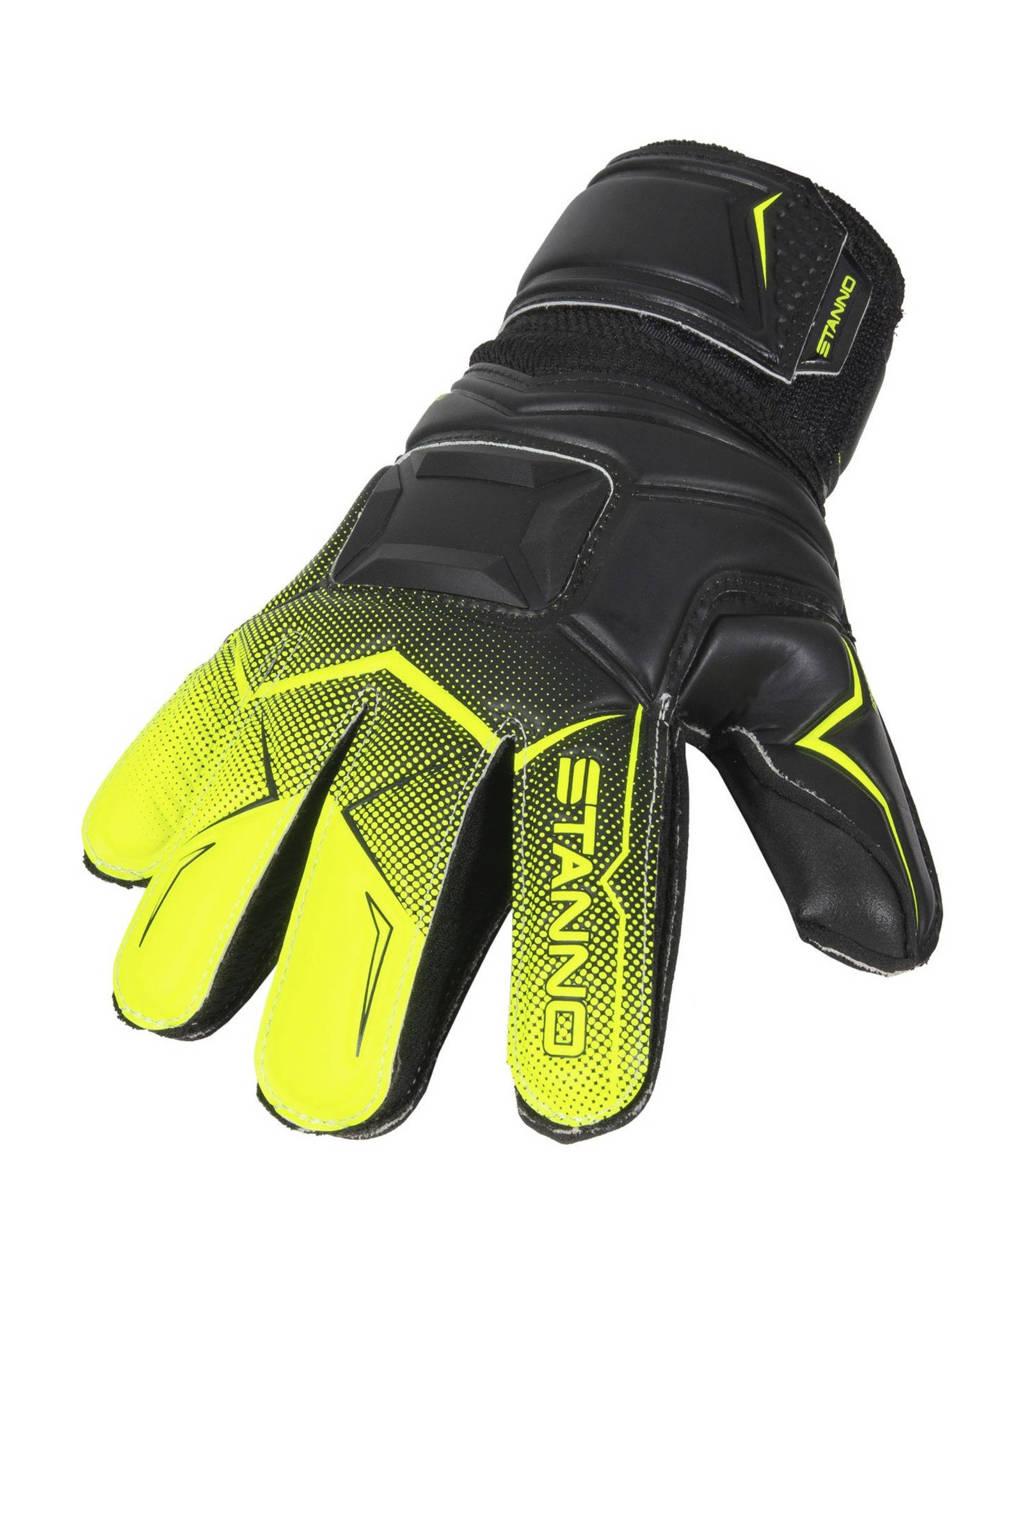 Stanno Junior  Jr. Wild Ltd. keepershandschoenen zwart/felgeel